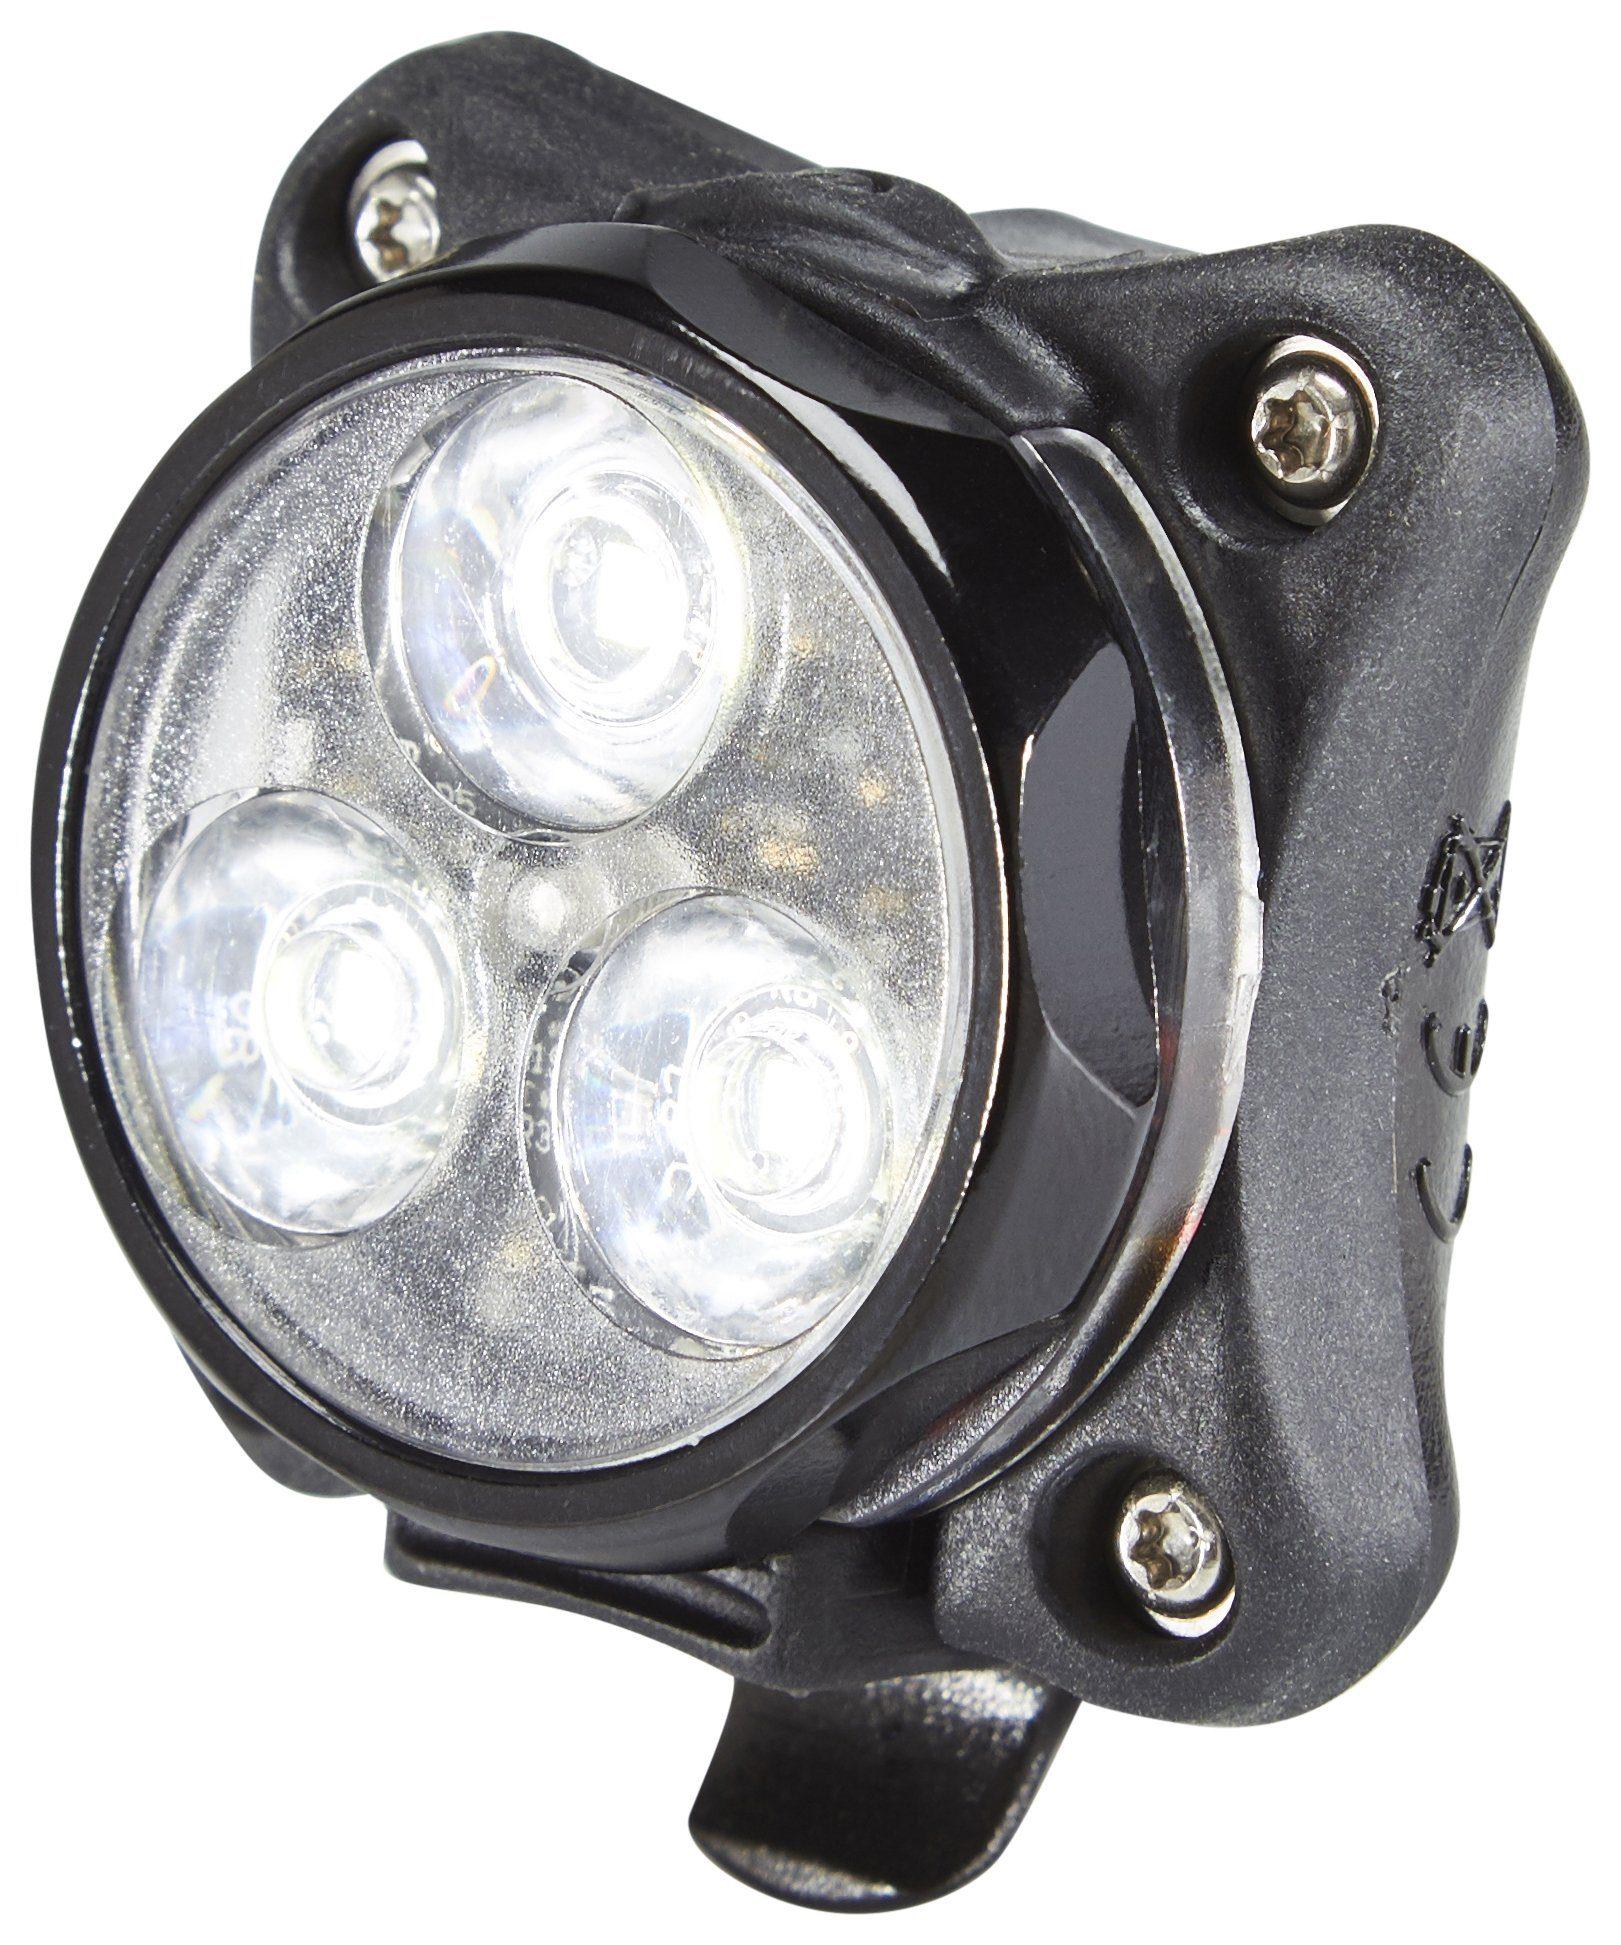 Lezyne Fahrradbeleuchtung »Zecto Drive Frontlicht«